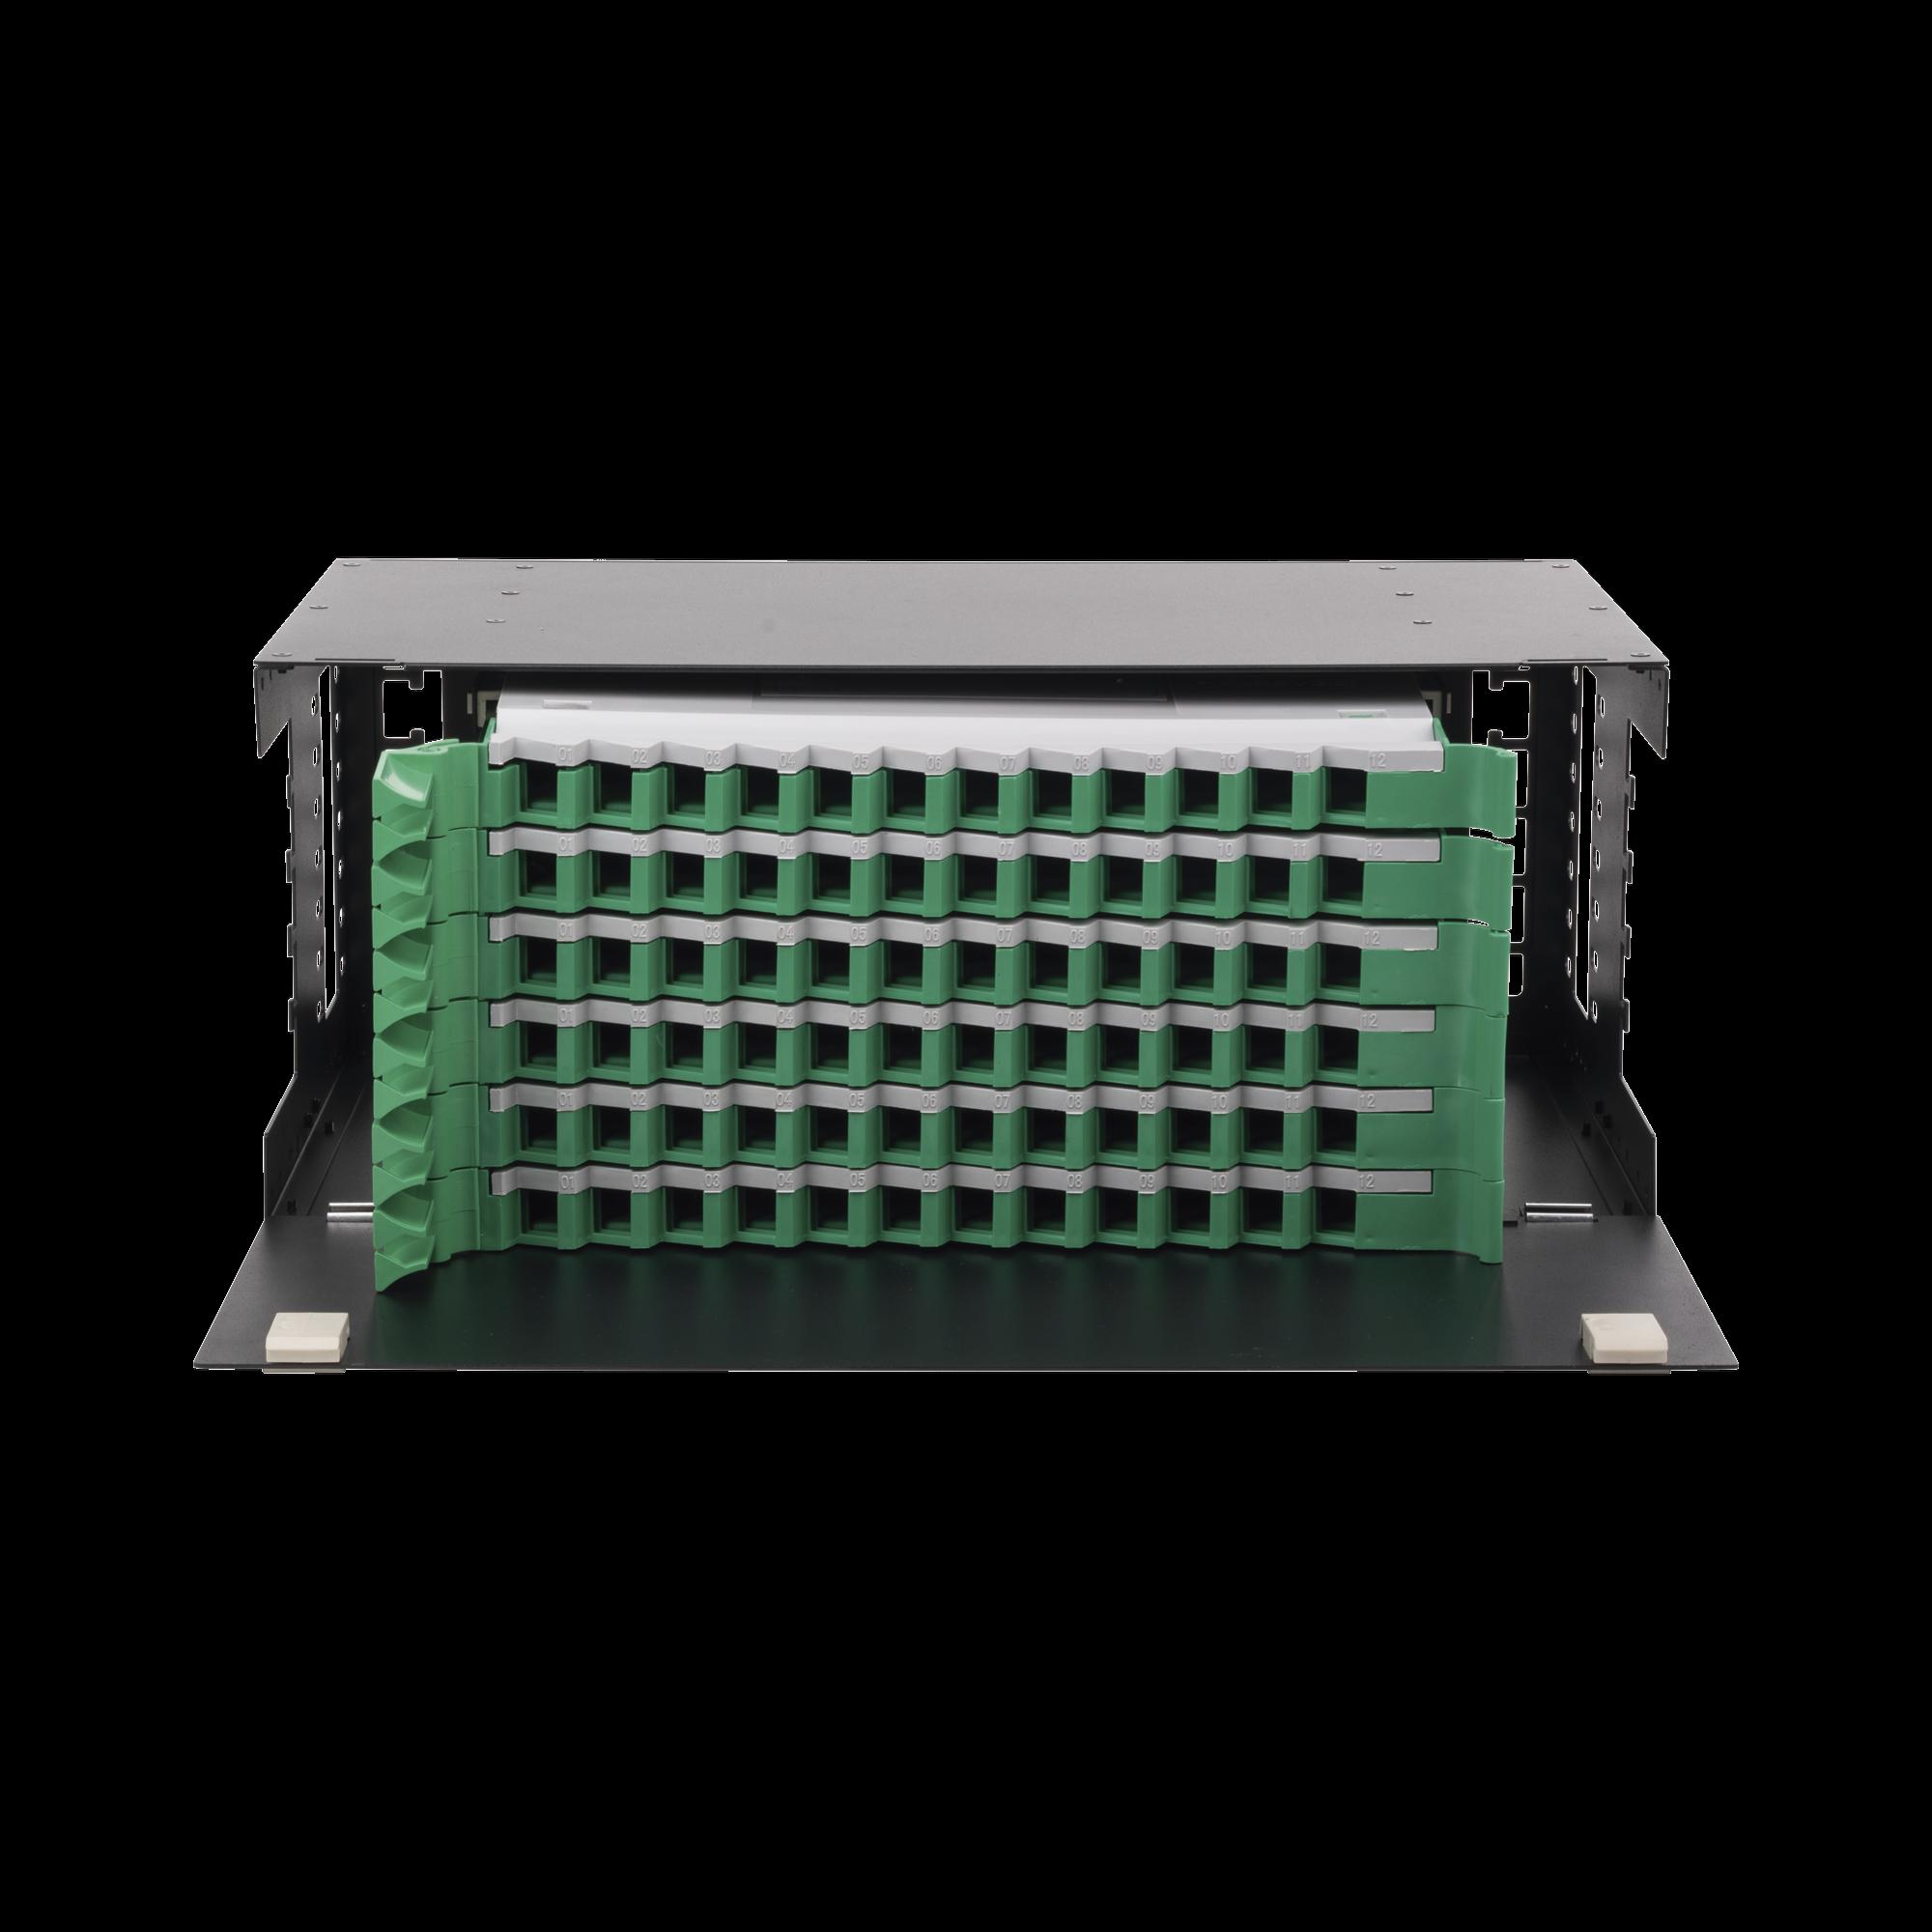 Distribuidor de Fibra óptica con bandejas deslizables, vacío, 19in, acepta 72 adaptadores LC Duplex o LC Simplex o 72 SC Simplex, 4U